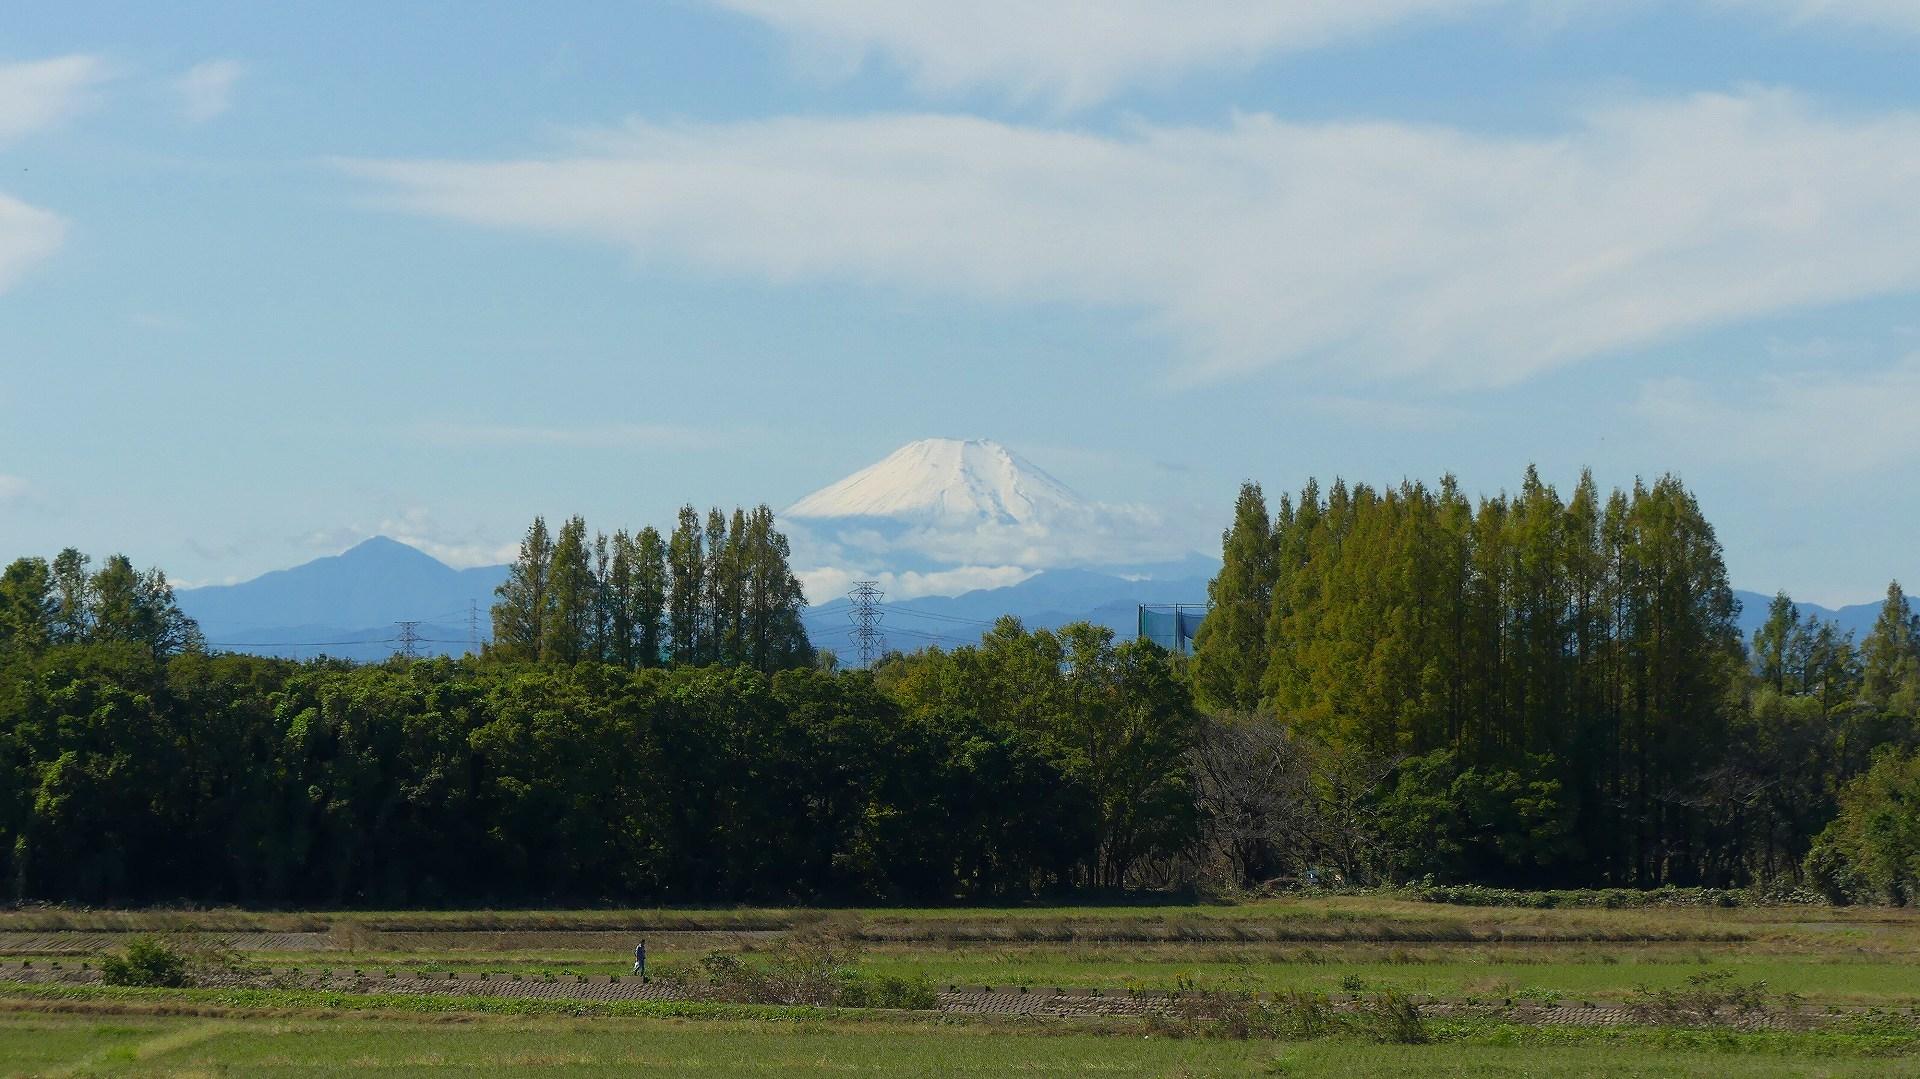 富士は日本一の山 【 2019 10/23(水) 】_a0185081_14304186.jpg